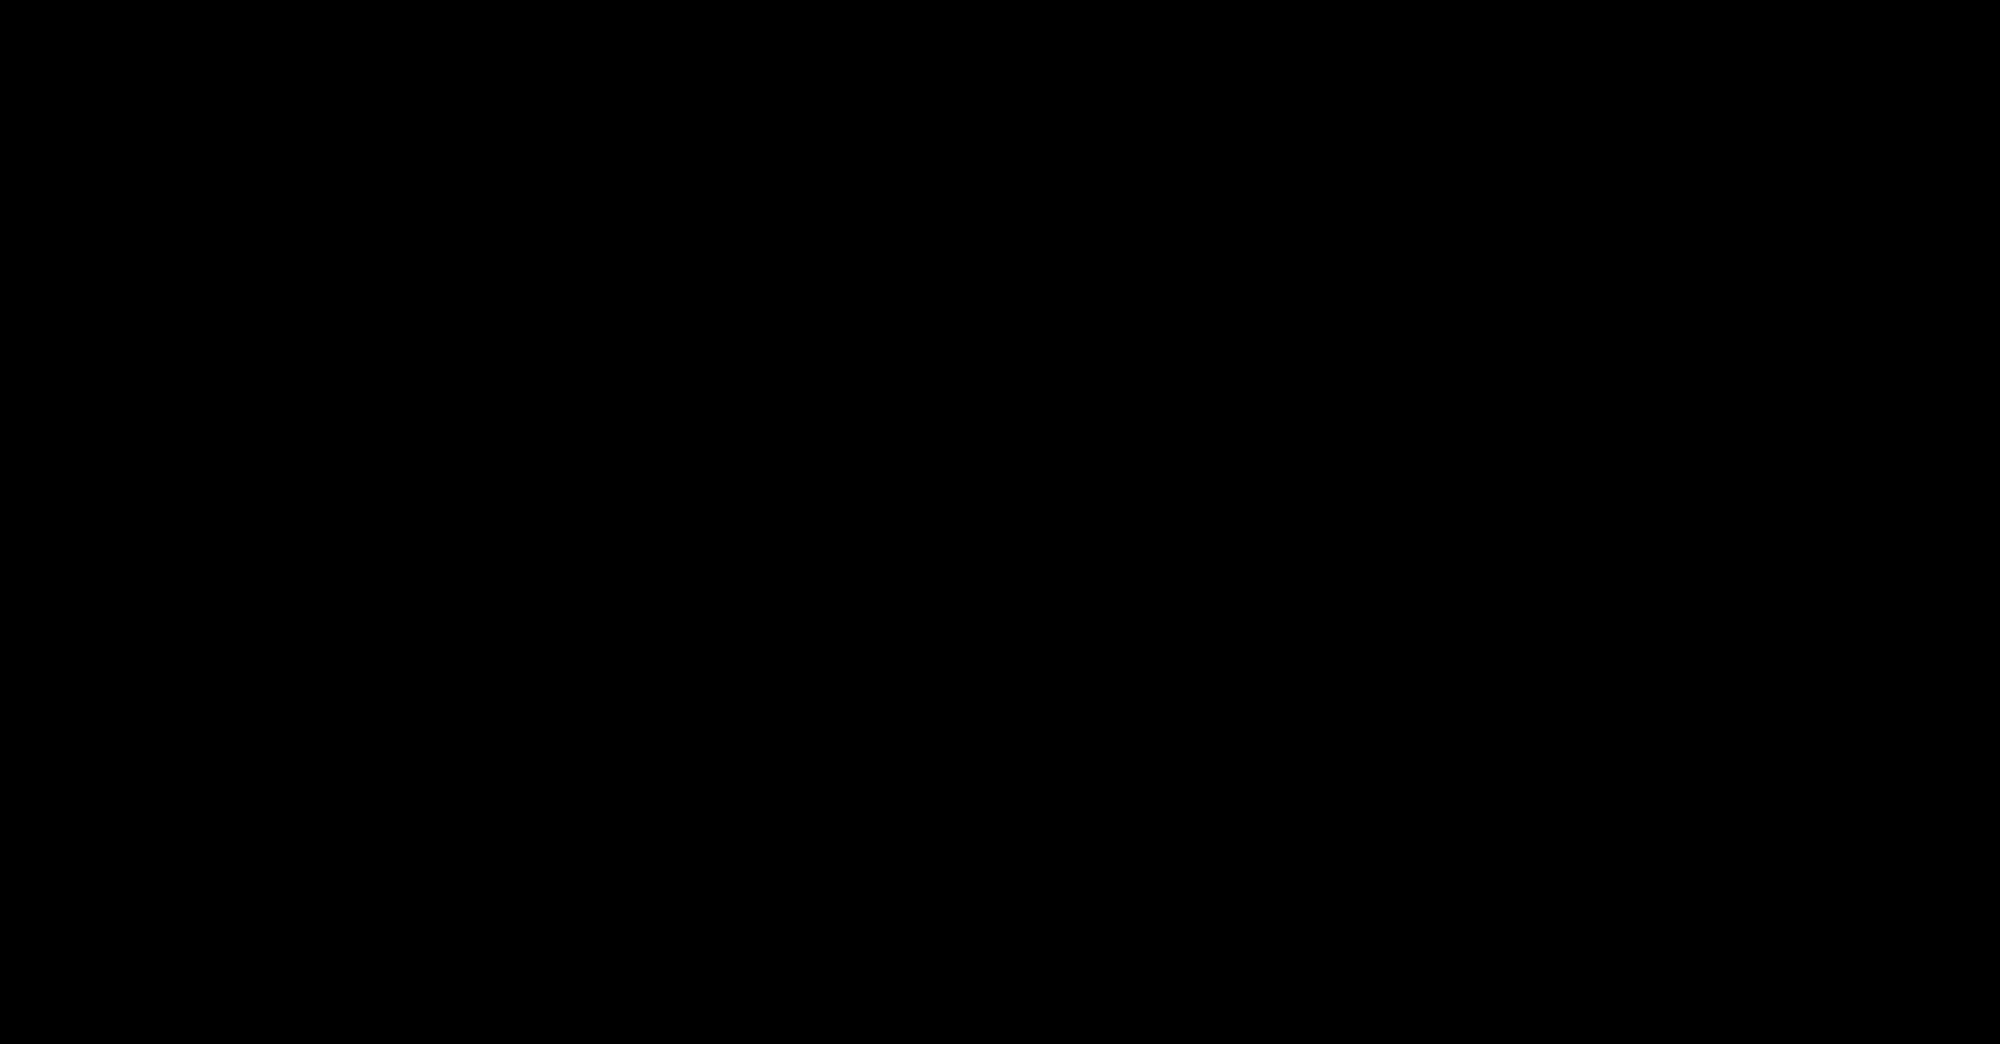 w86a58862